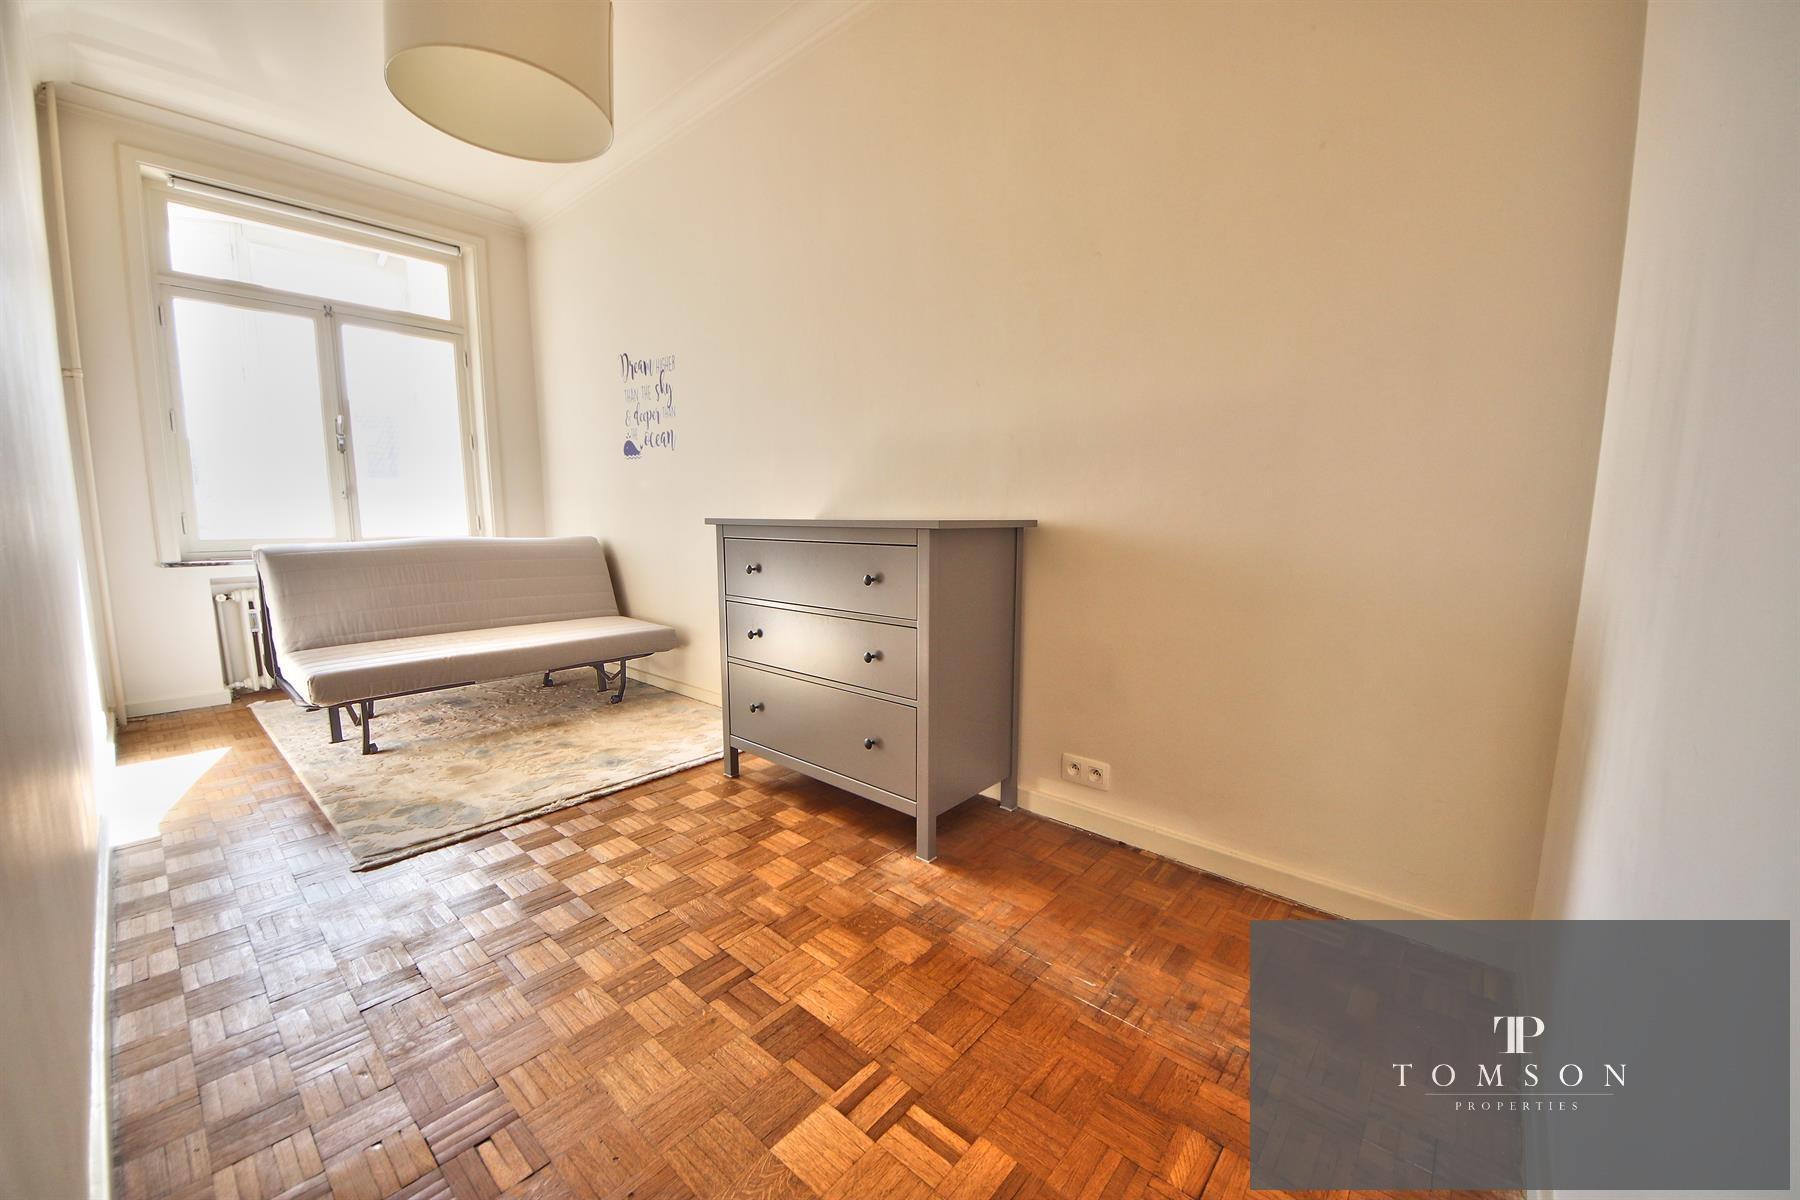 Appartement - Woluwe-Saint-Pierre - #4322664-8